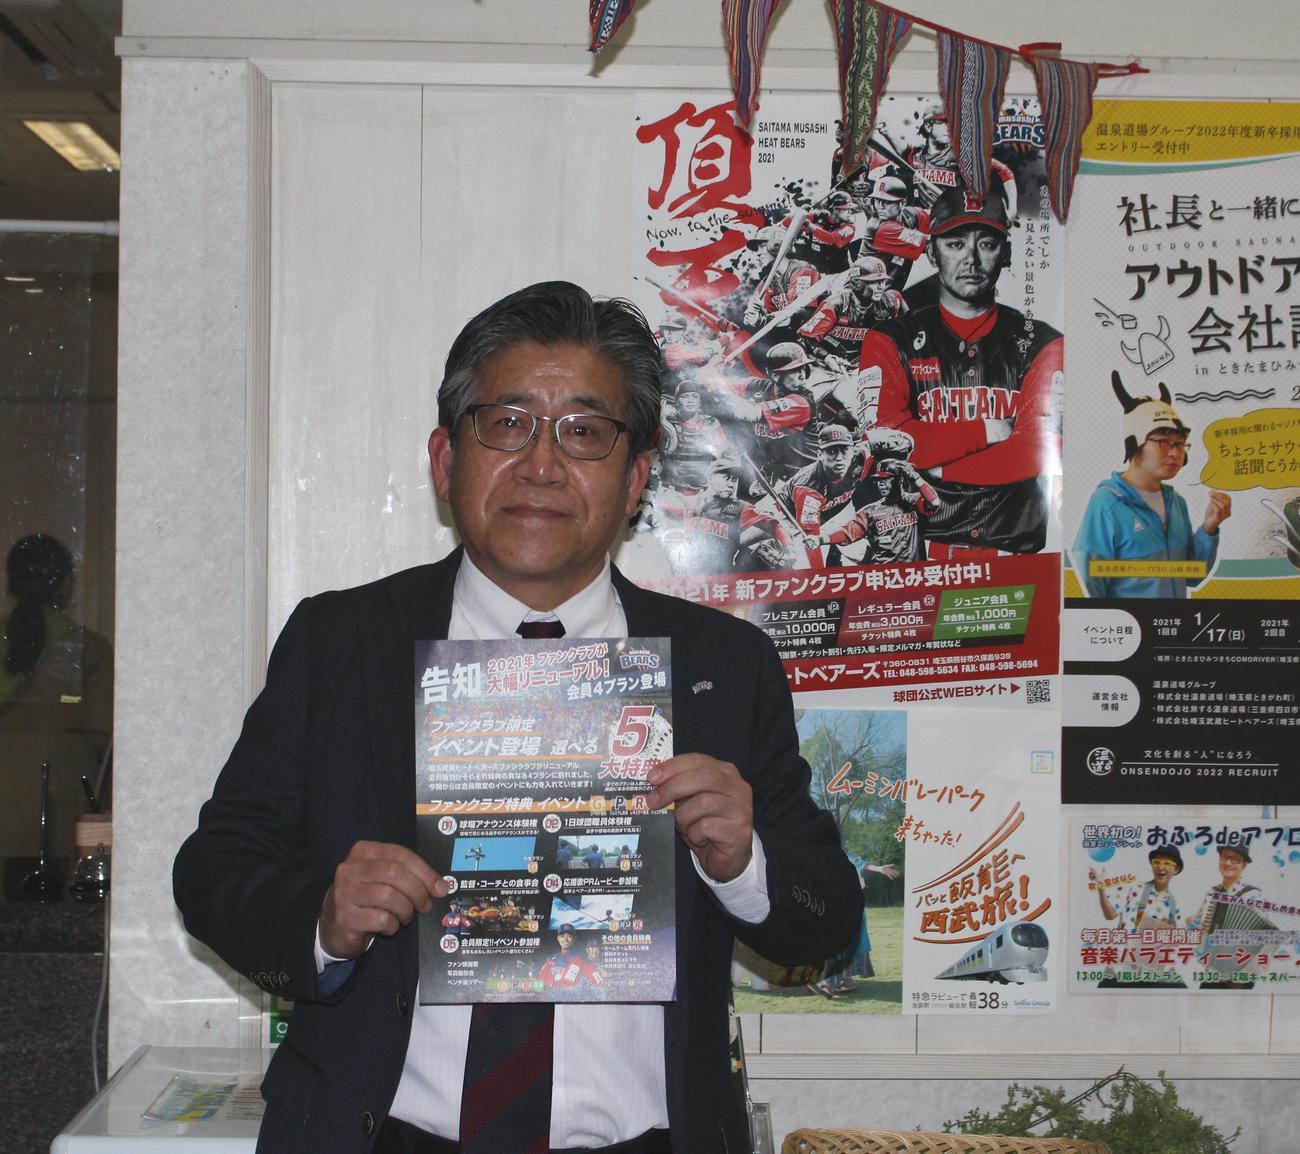 ファンクラブのチラシを手にするBC・埼玉の今井球団代表(撮影・保坂恭子)